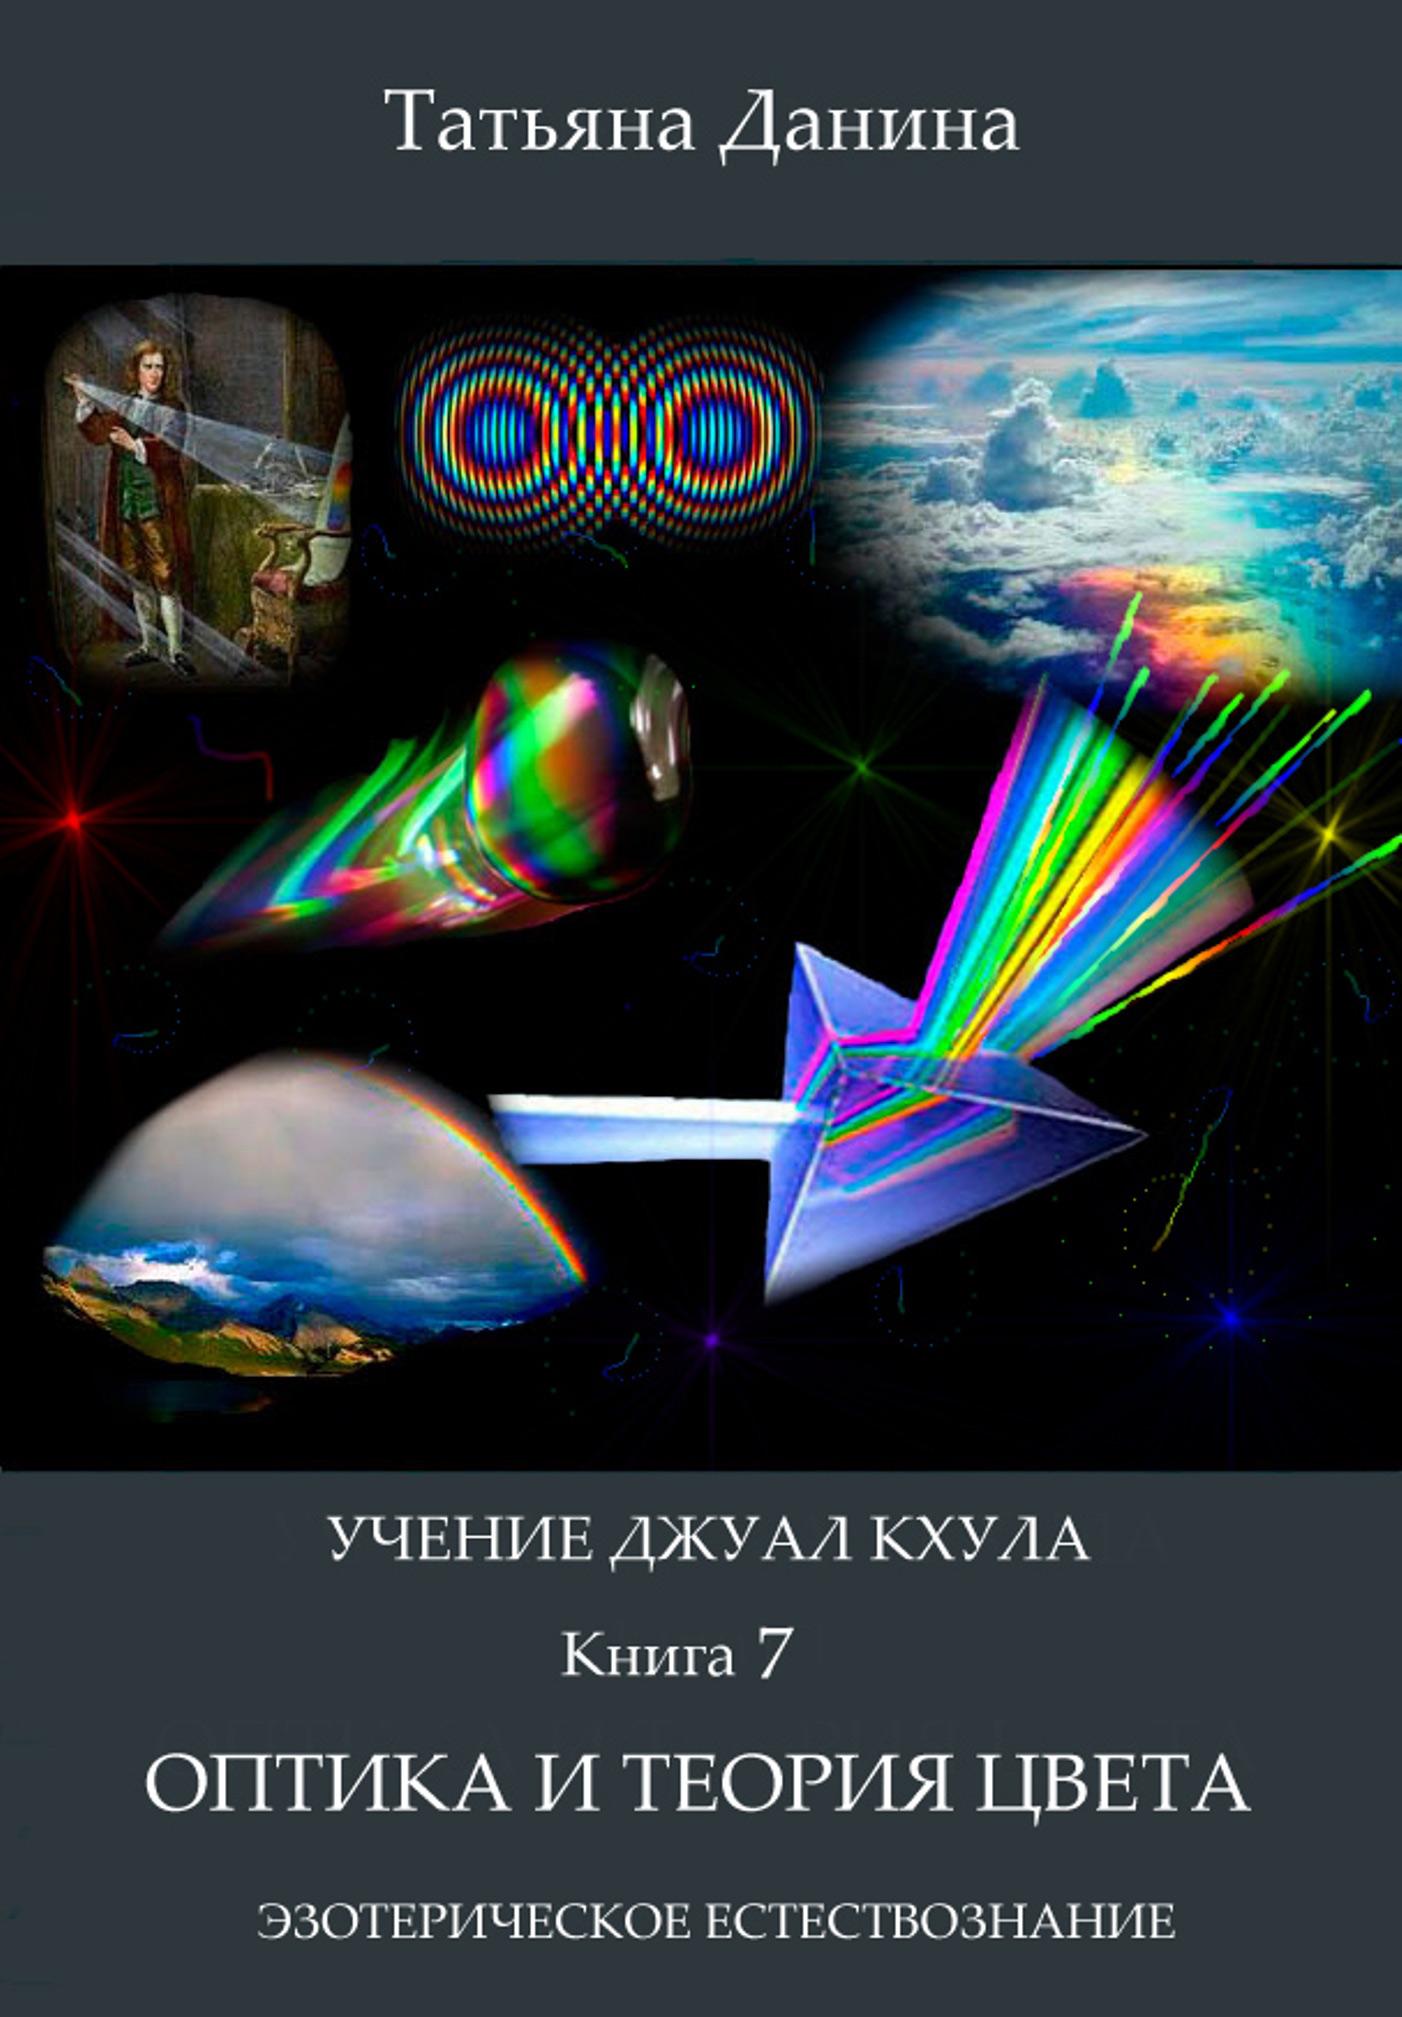 Татьяна Данина Оптика и теория цвета татьяна данина бог пространство мыслящая субстанция учение джуал кхула